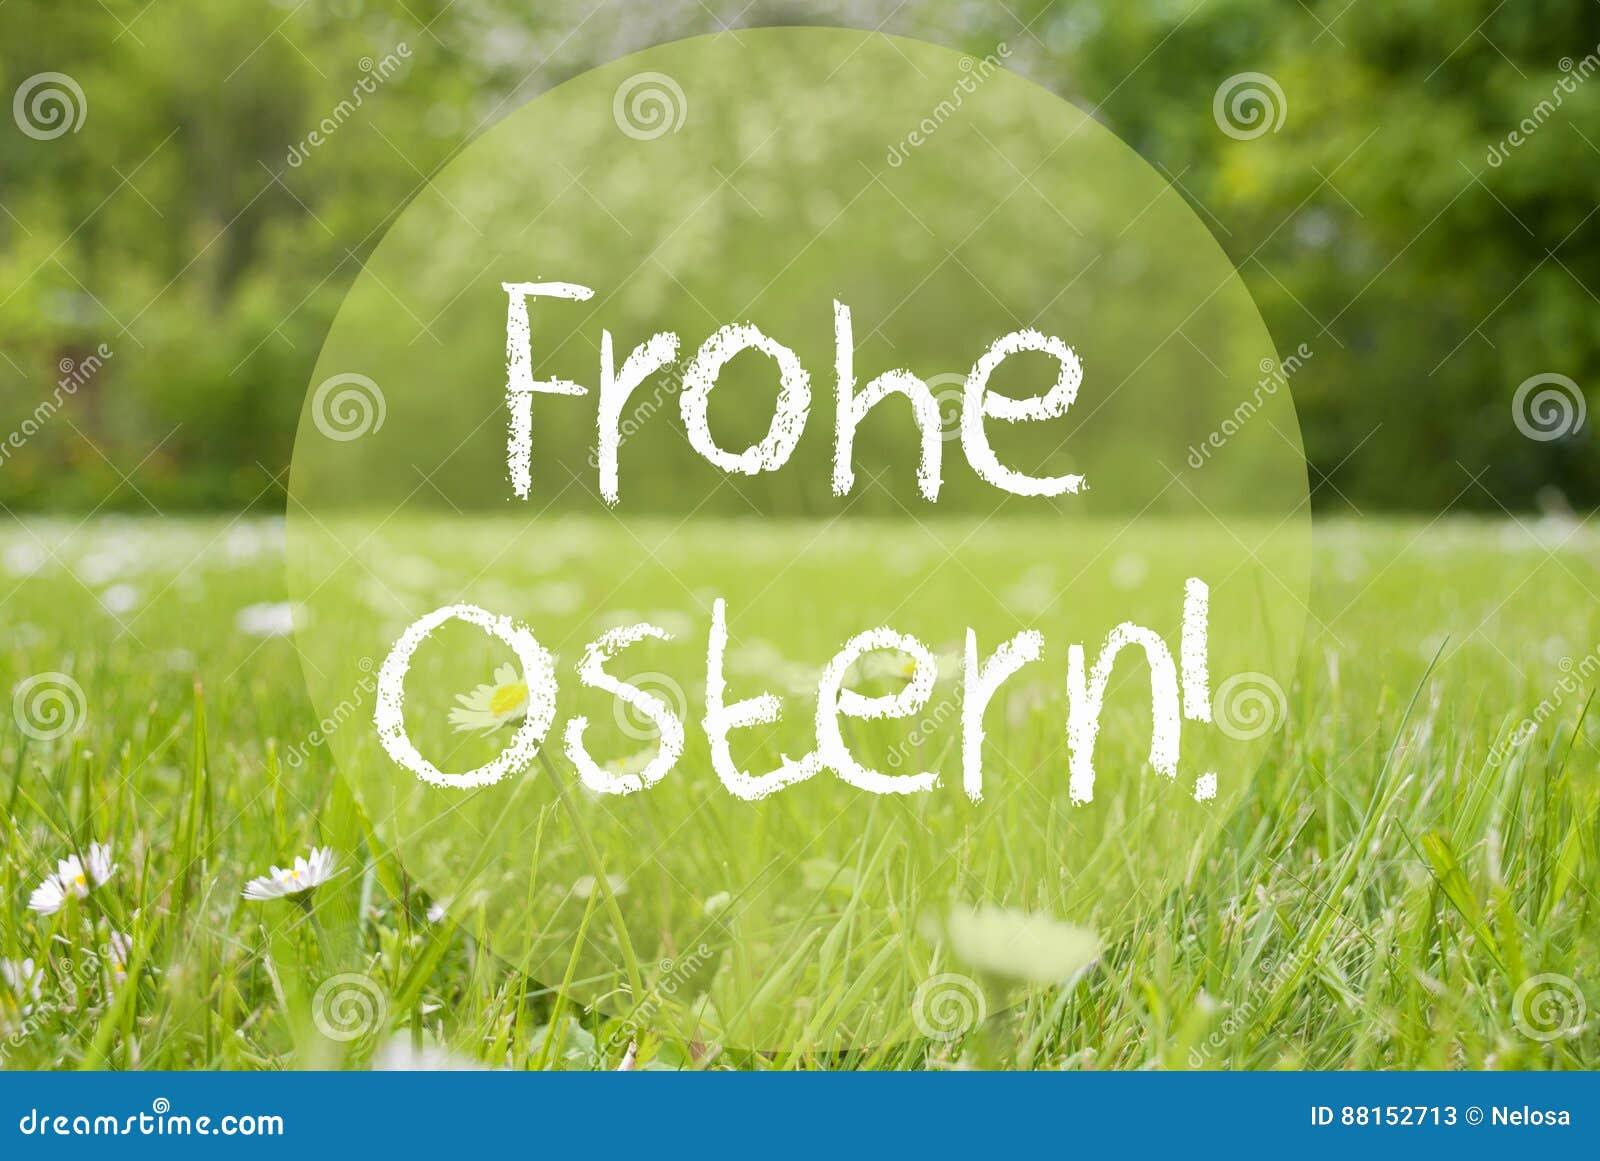 Le pré de Gras, Daisy Flowers, Frohe Ostern signifie Joyeuses Pâques